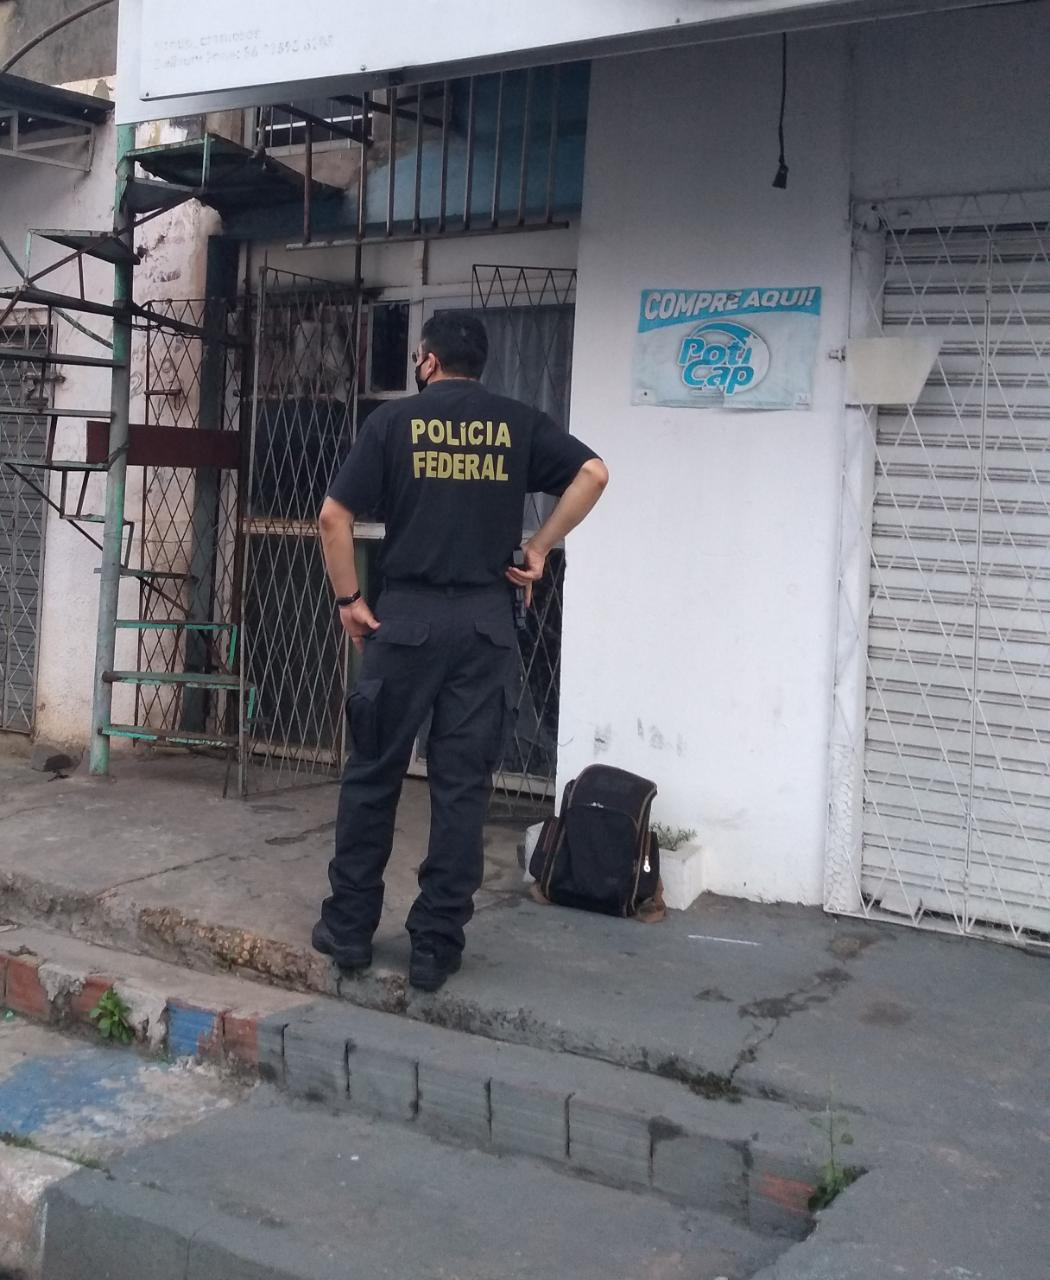 Fraudes causaram prejuízo de R$ 2,1 milhões aos INSS - Foto: Divulgação/PF